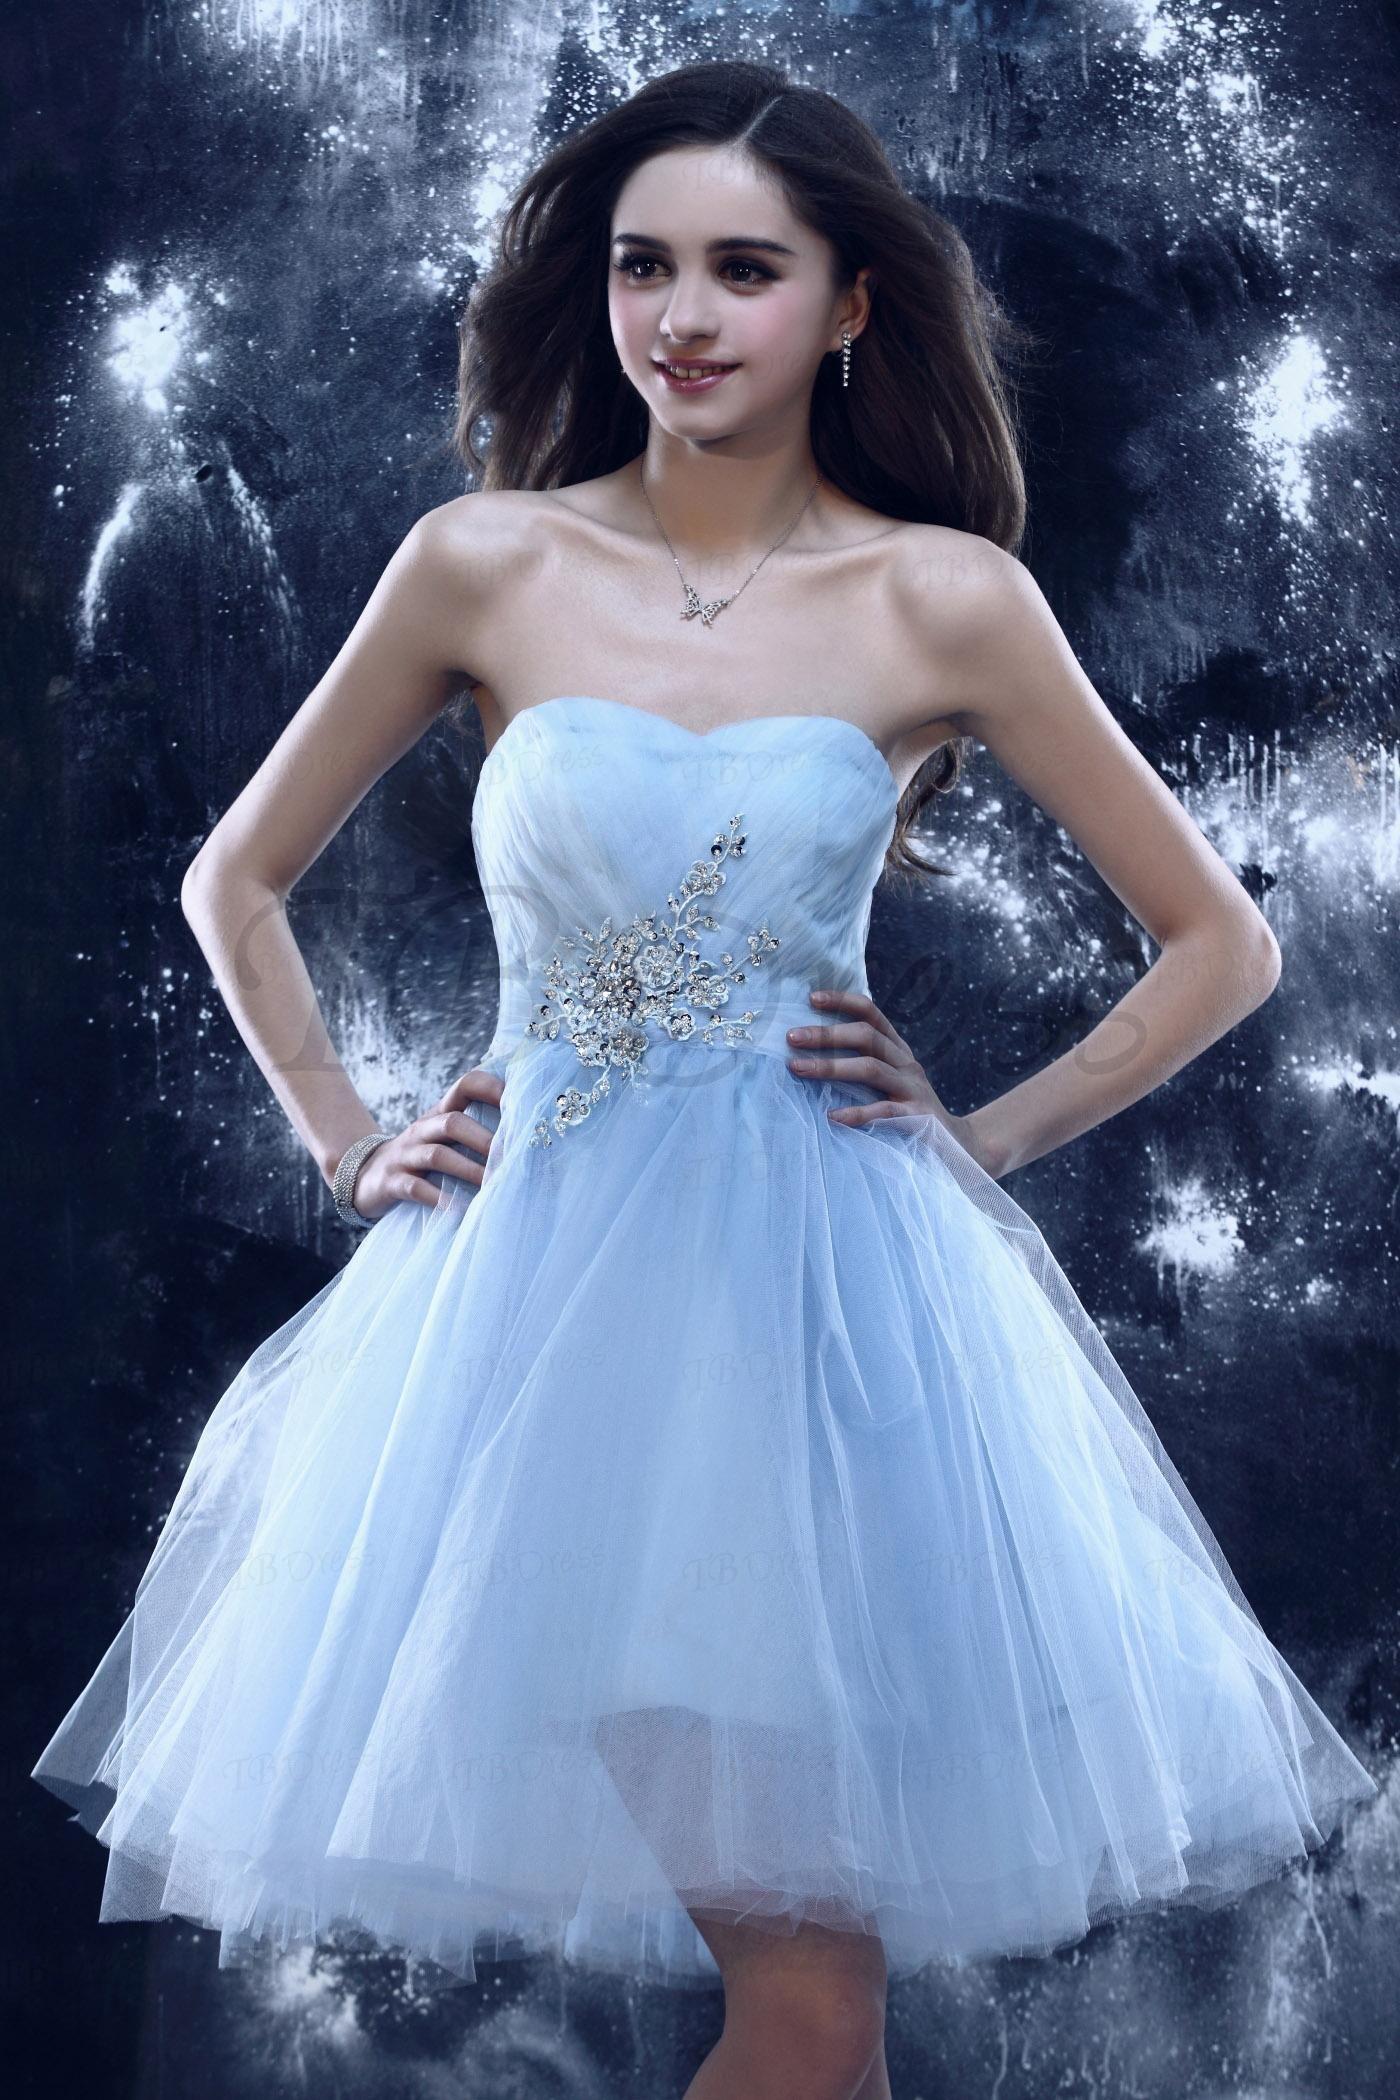 Tb Dress : abiti da ballo a prezzi low-cost